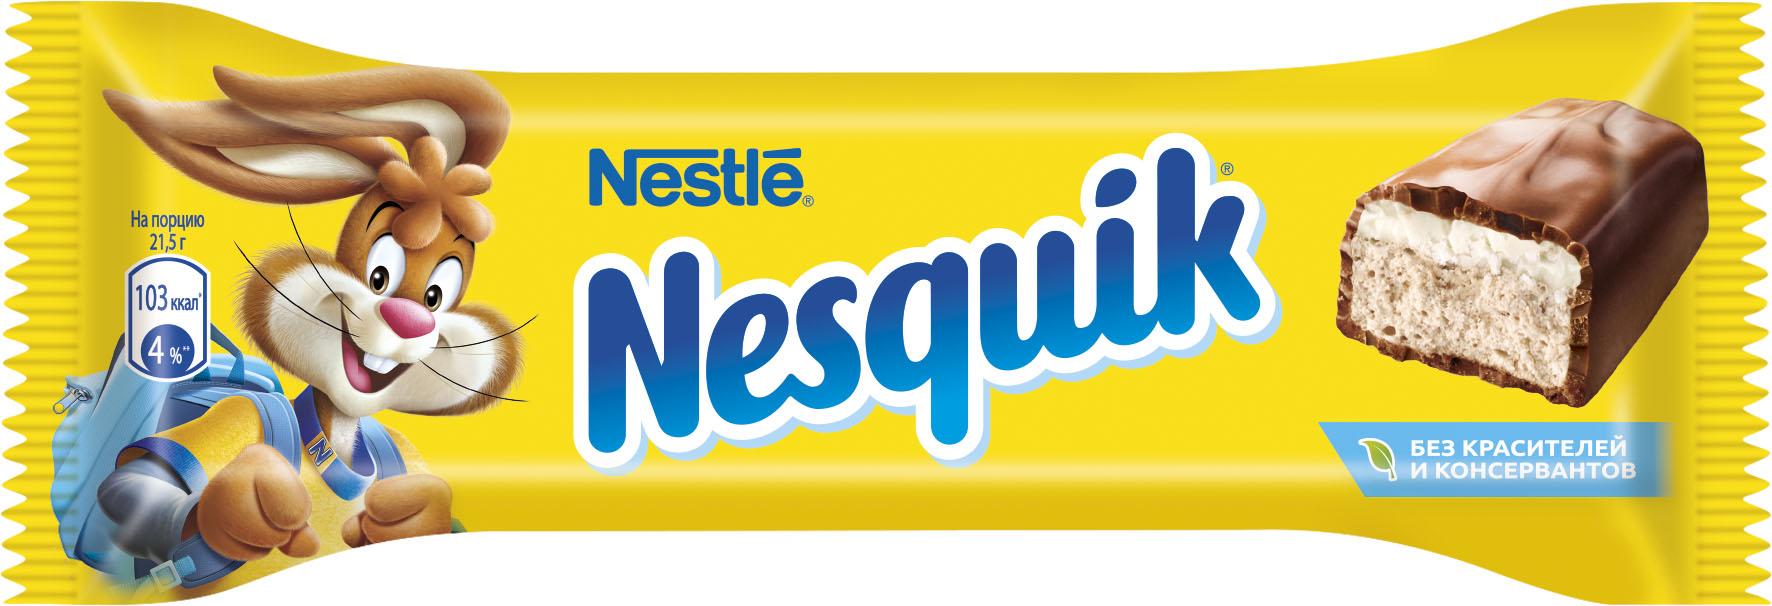 Десерты Nesquik шоколадный 43 г corny milk cocoa батончик злаковый c молоком и какао 30 г